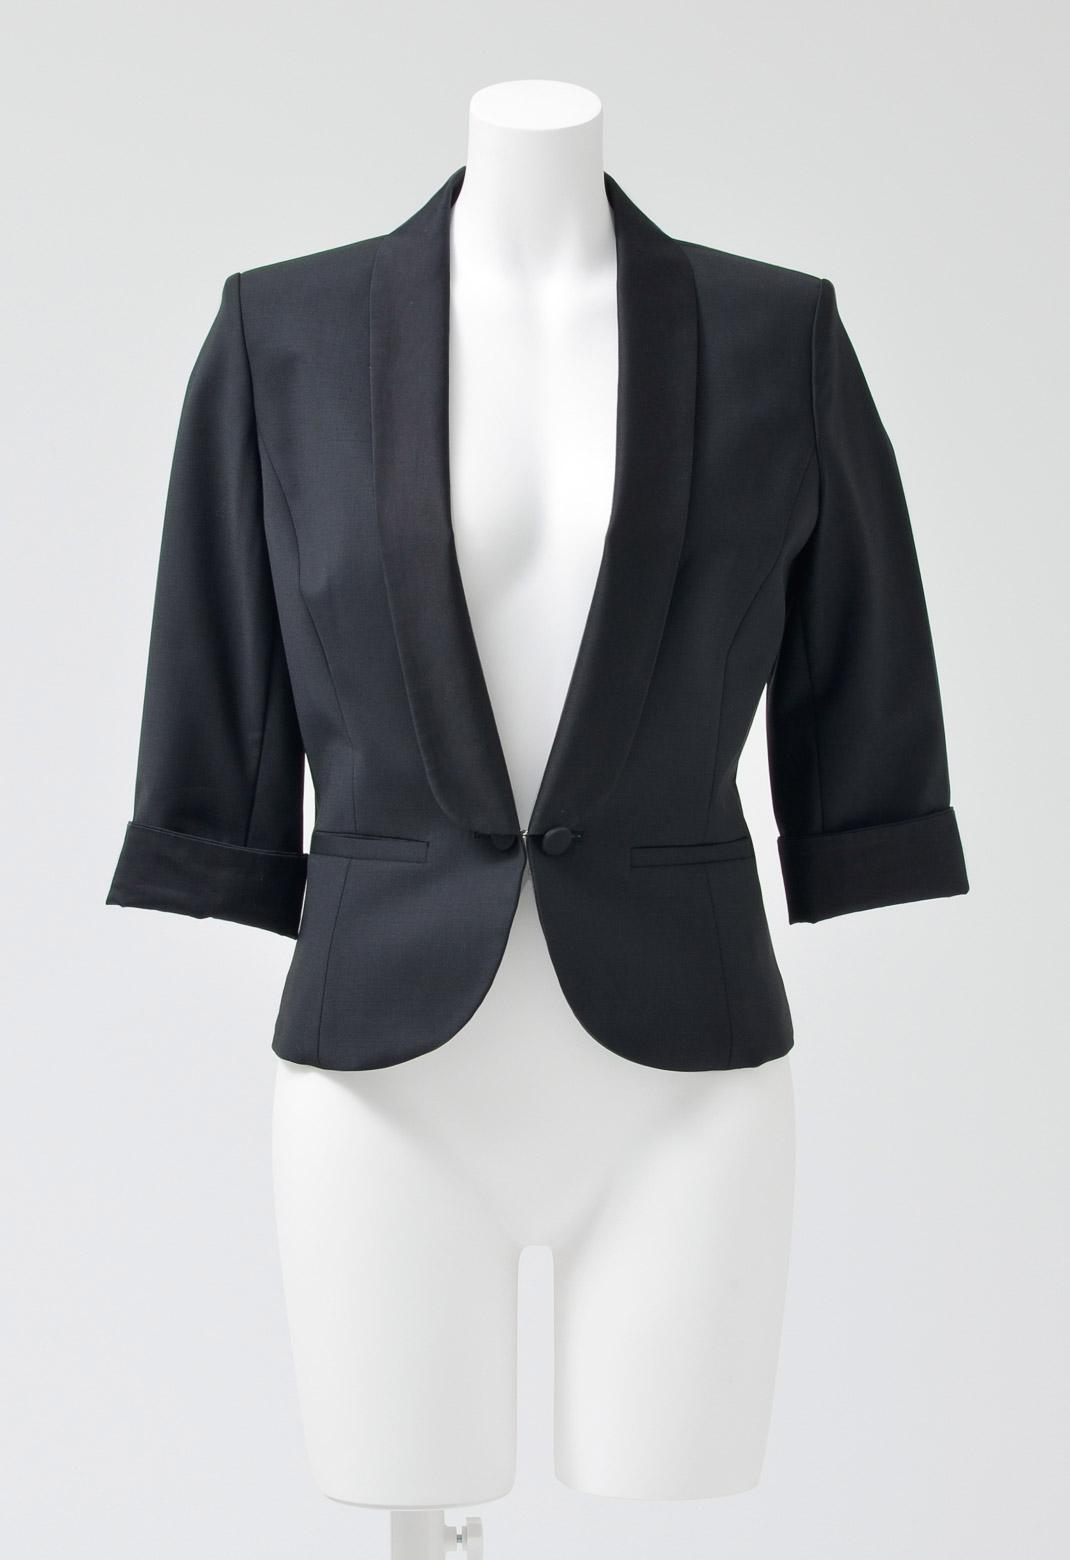 バックプリーツ 一つボタン 長袖 ジャケット